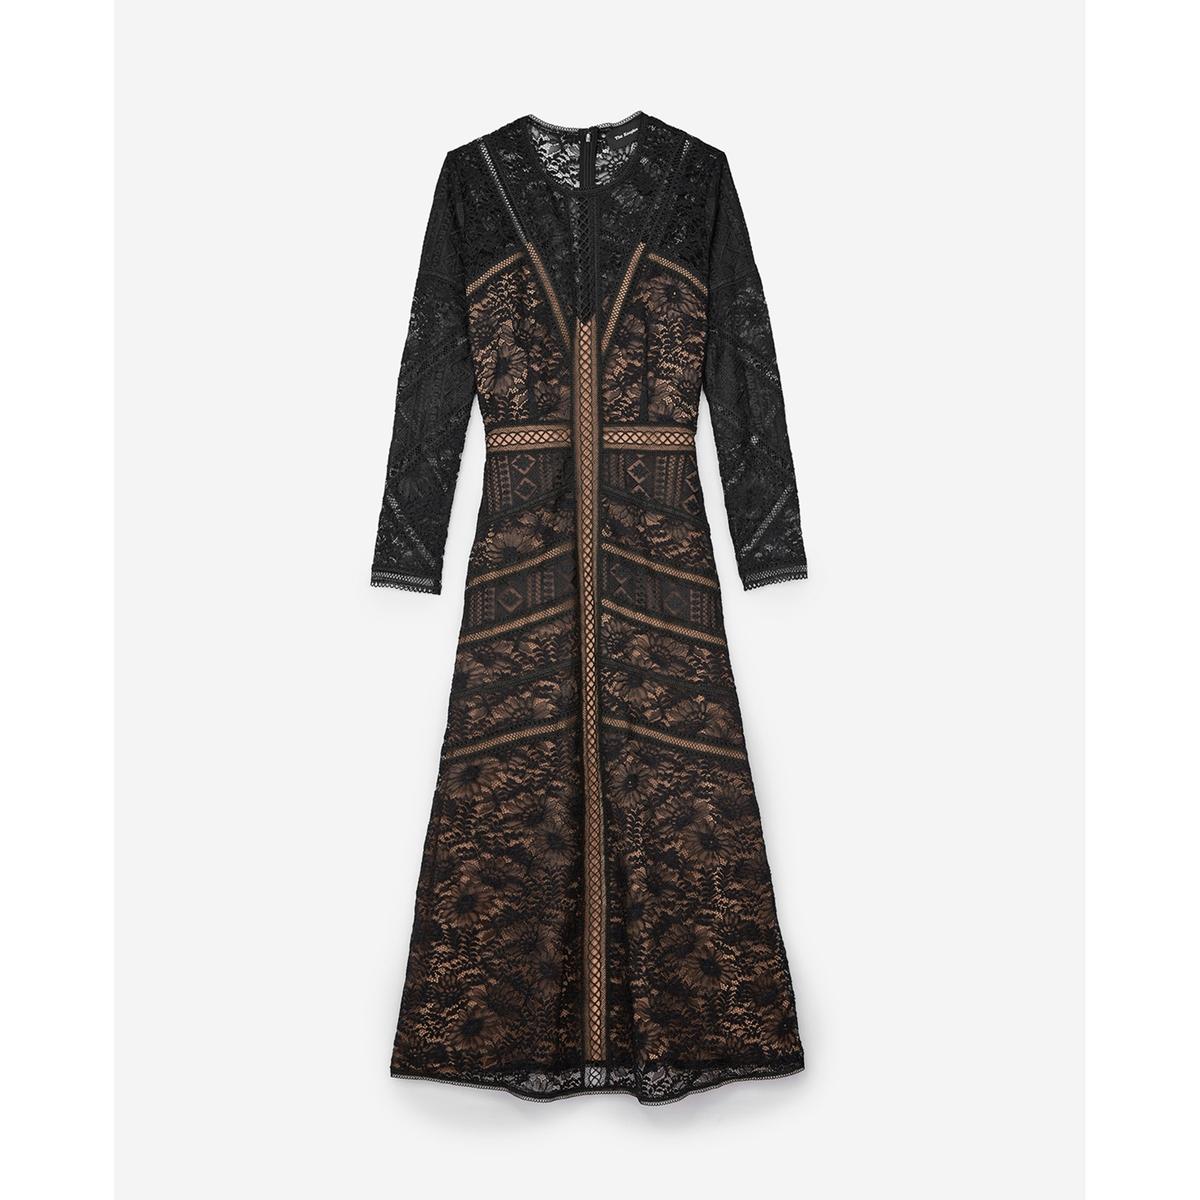 Платье длинное с принтомОписание:Платье с длинными рукавами THE KOOPLES из вышитого кружева и с графическими узорами . Ажурная окантовка на поясе и контрастная подкладка телесного цвета .Детали •  Длинные рукава    •  Круглый вырез •  Рисунок-принтСостав и уход •  66% полиамида, 29% хлопка, 5% вискозы  •  Подкладка : 100% полиэстер  •  кружево: 100% полиэстер, 50% полиамида 50% полиэстера  •  Следуйте советам по уходу, указанным на этикетке<br><br>Цвет: черный<br>Размер: M.S